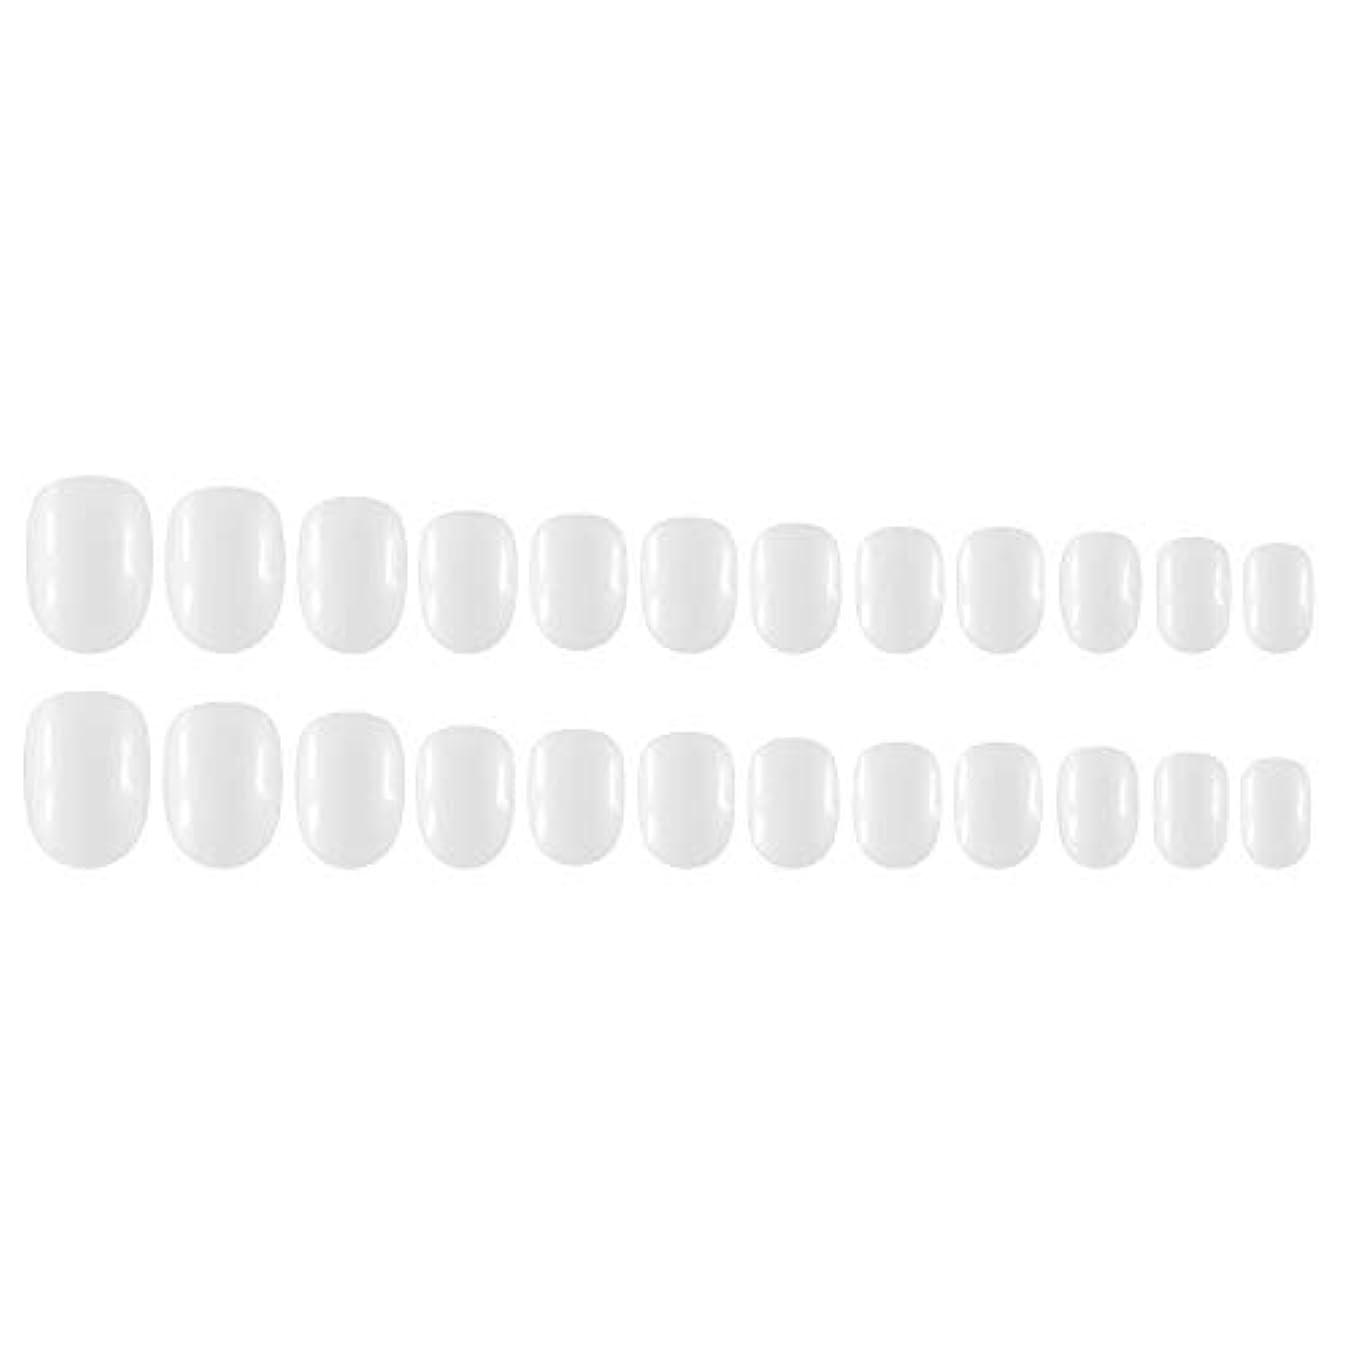 代数ポインタ快適Decdeal Decdeal ネイルチップ 24ピース 12異なるサイズ diy サロン ネイルアートツール 偽